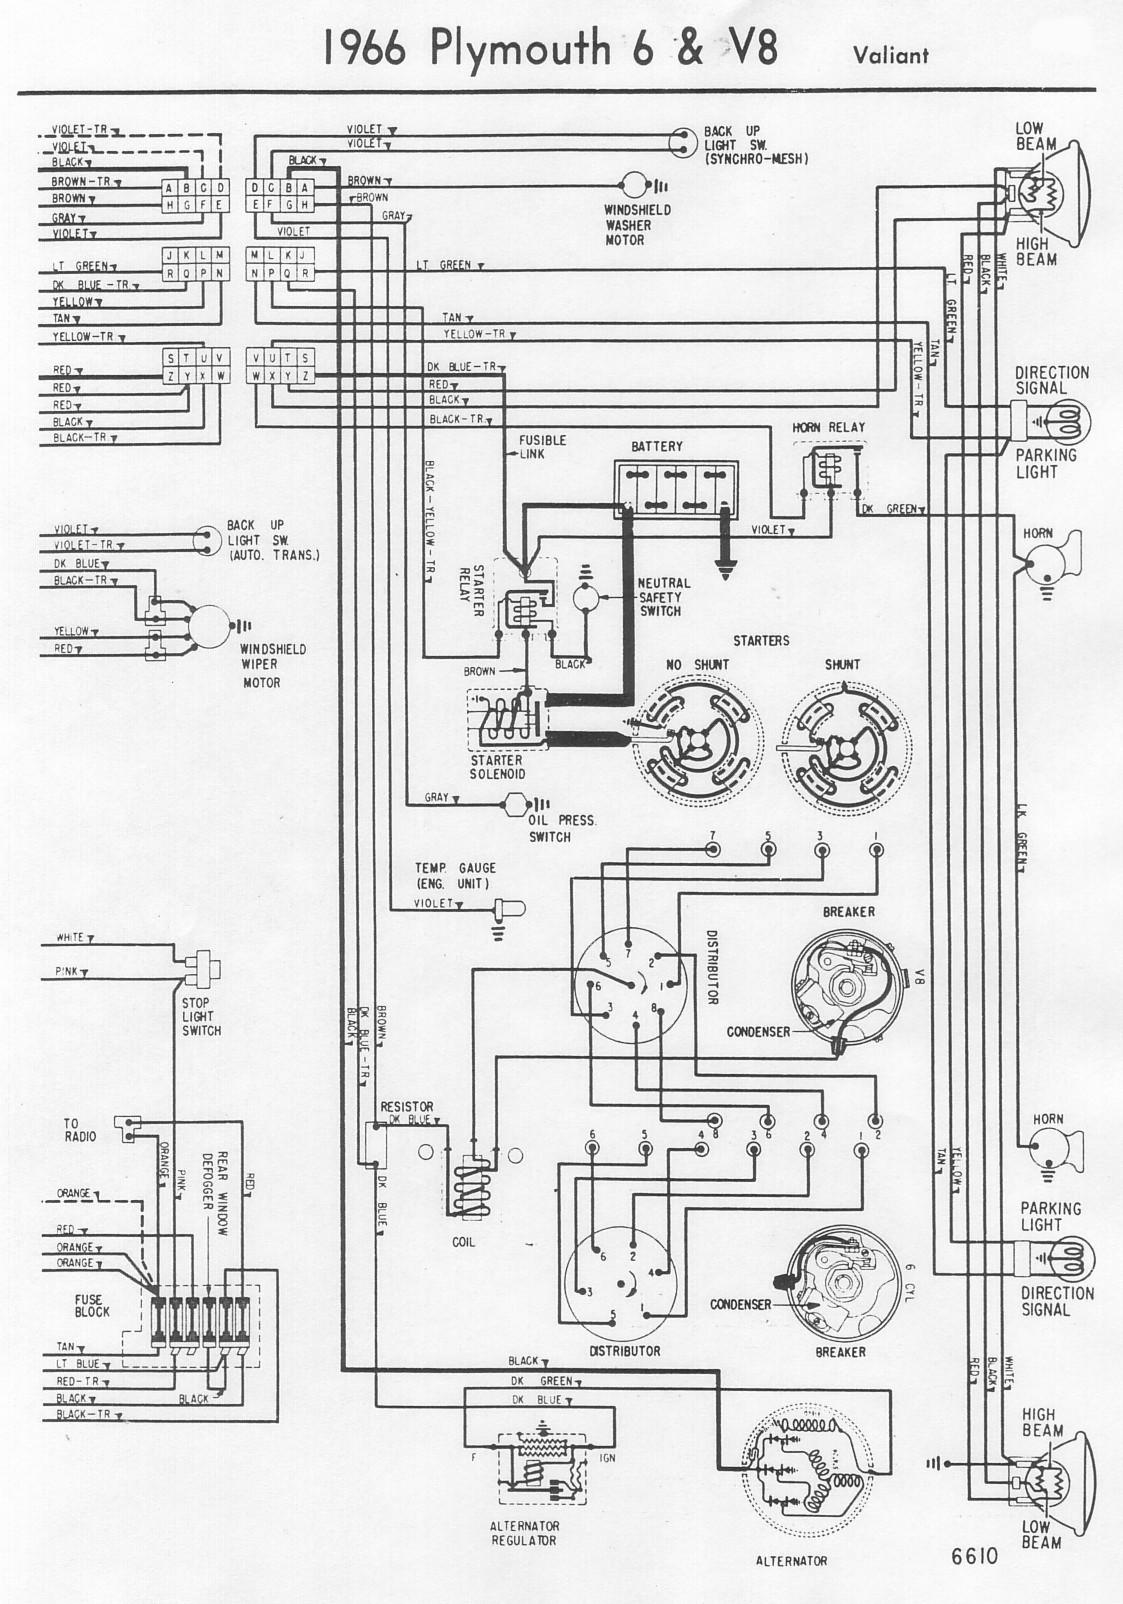 1970 Sport Satellite Wiring Diagram Volvo 4 3 Liter Marine Engine Diagram For Wiring Diagram Schematics